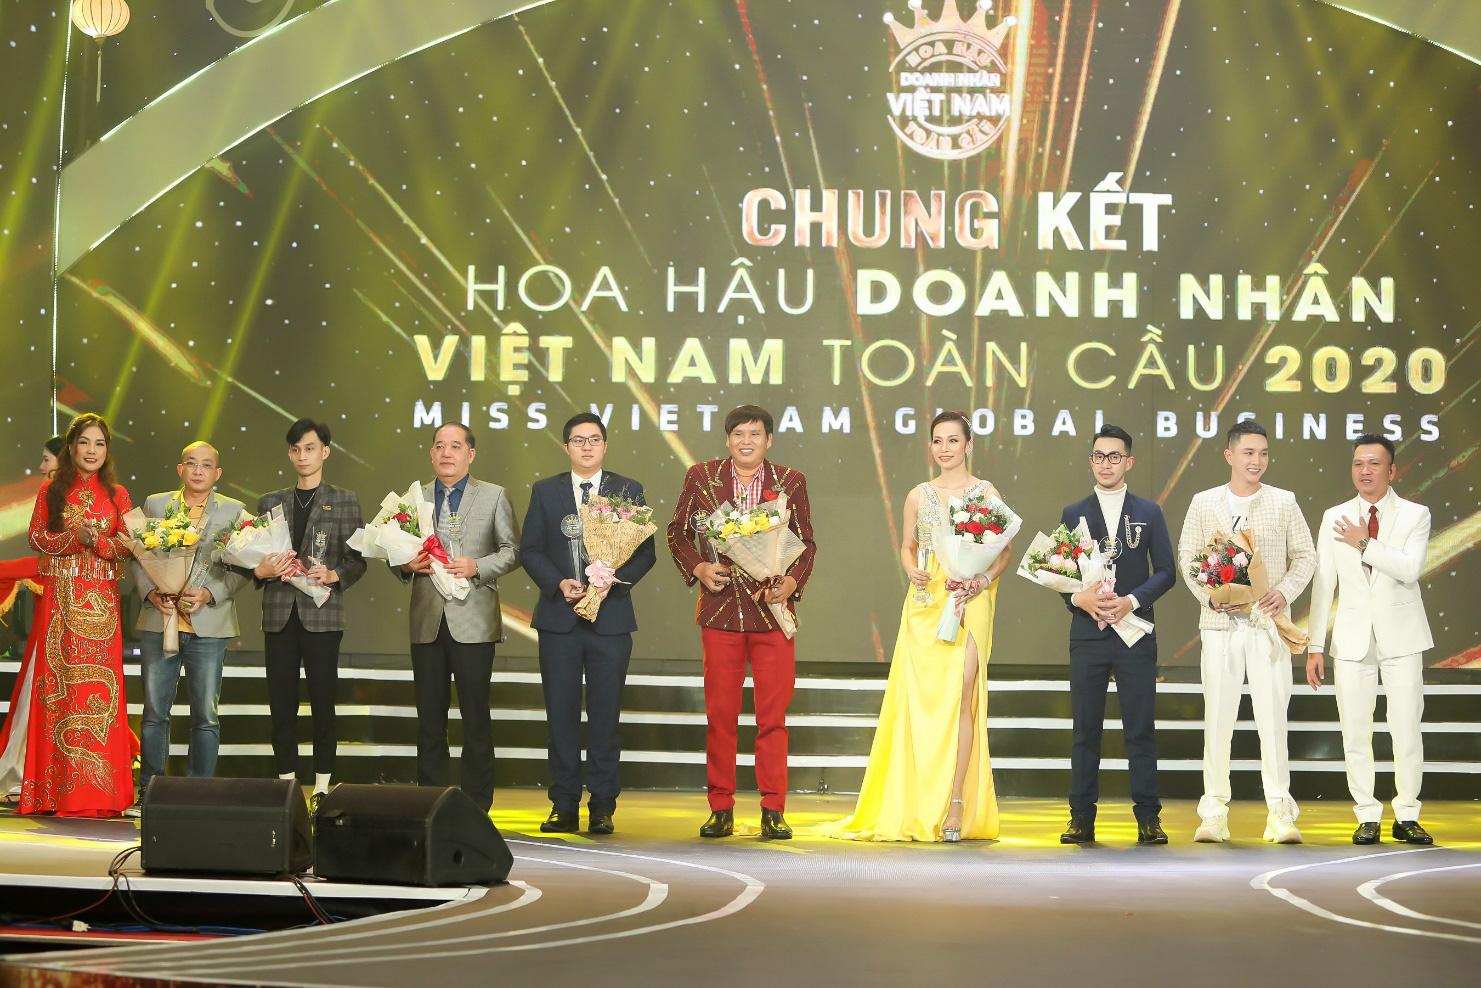 Doanh nhân Vũ Thị Ngọc Anh đăng quang Hoa hậu Doanh nhân Việt Nam Toàn cầu 2020 - Ảnh 4.